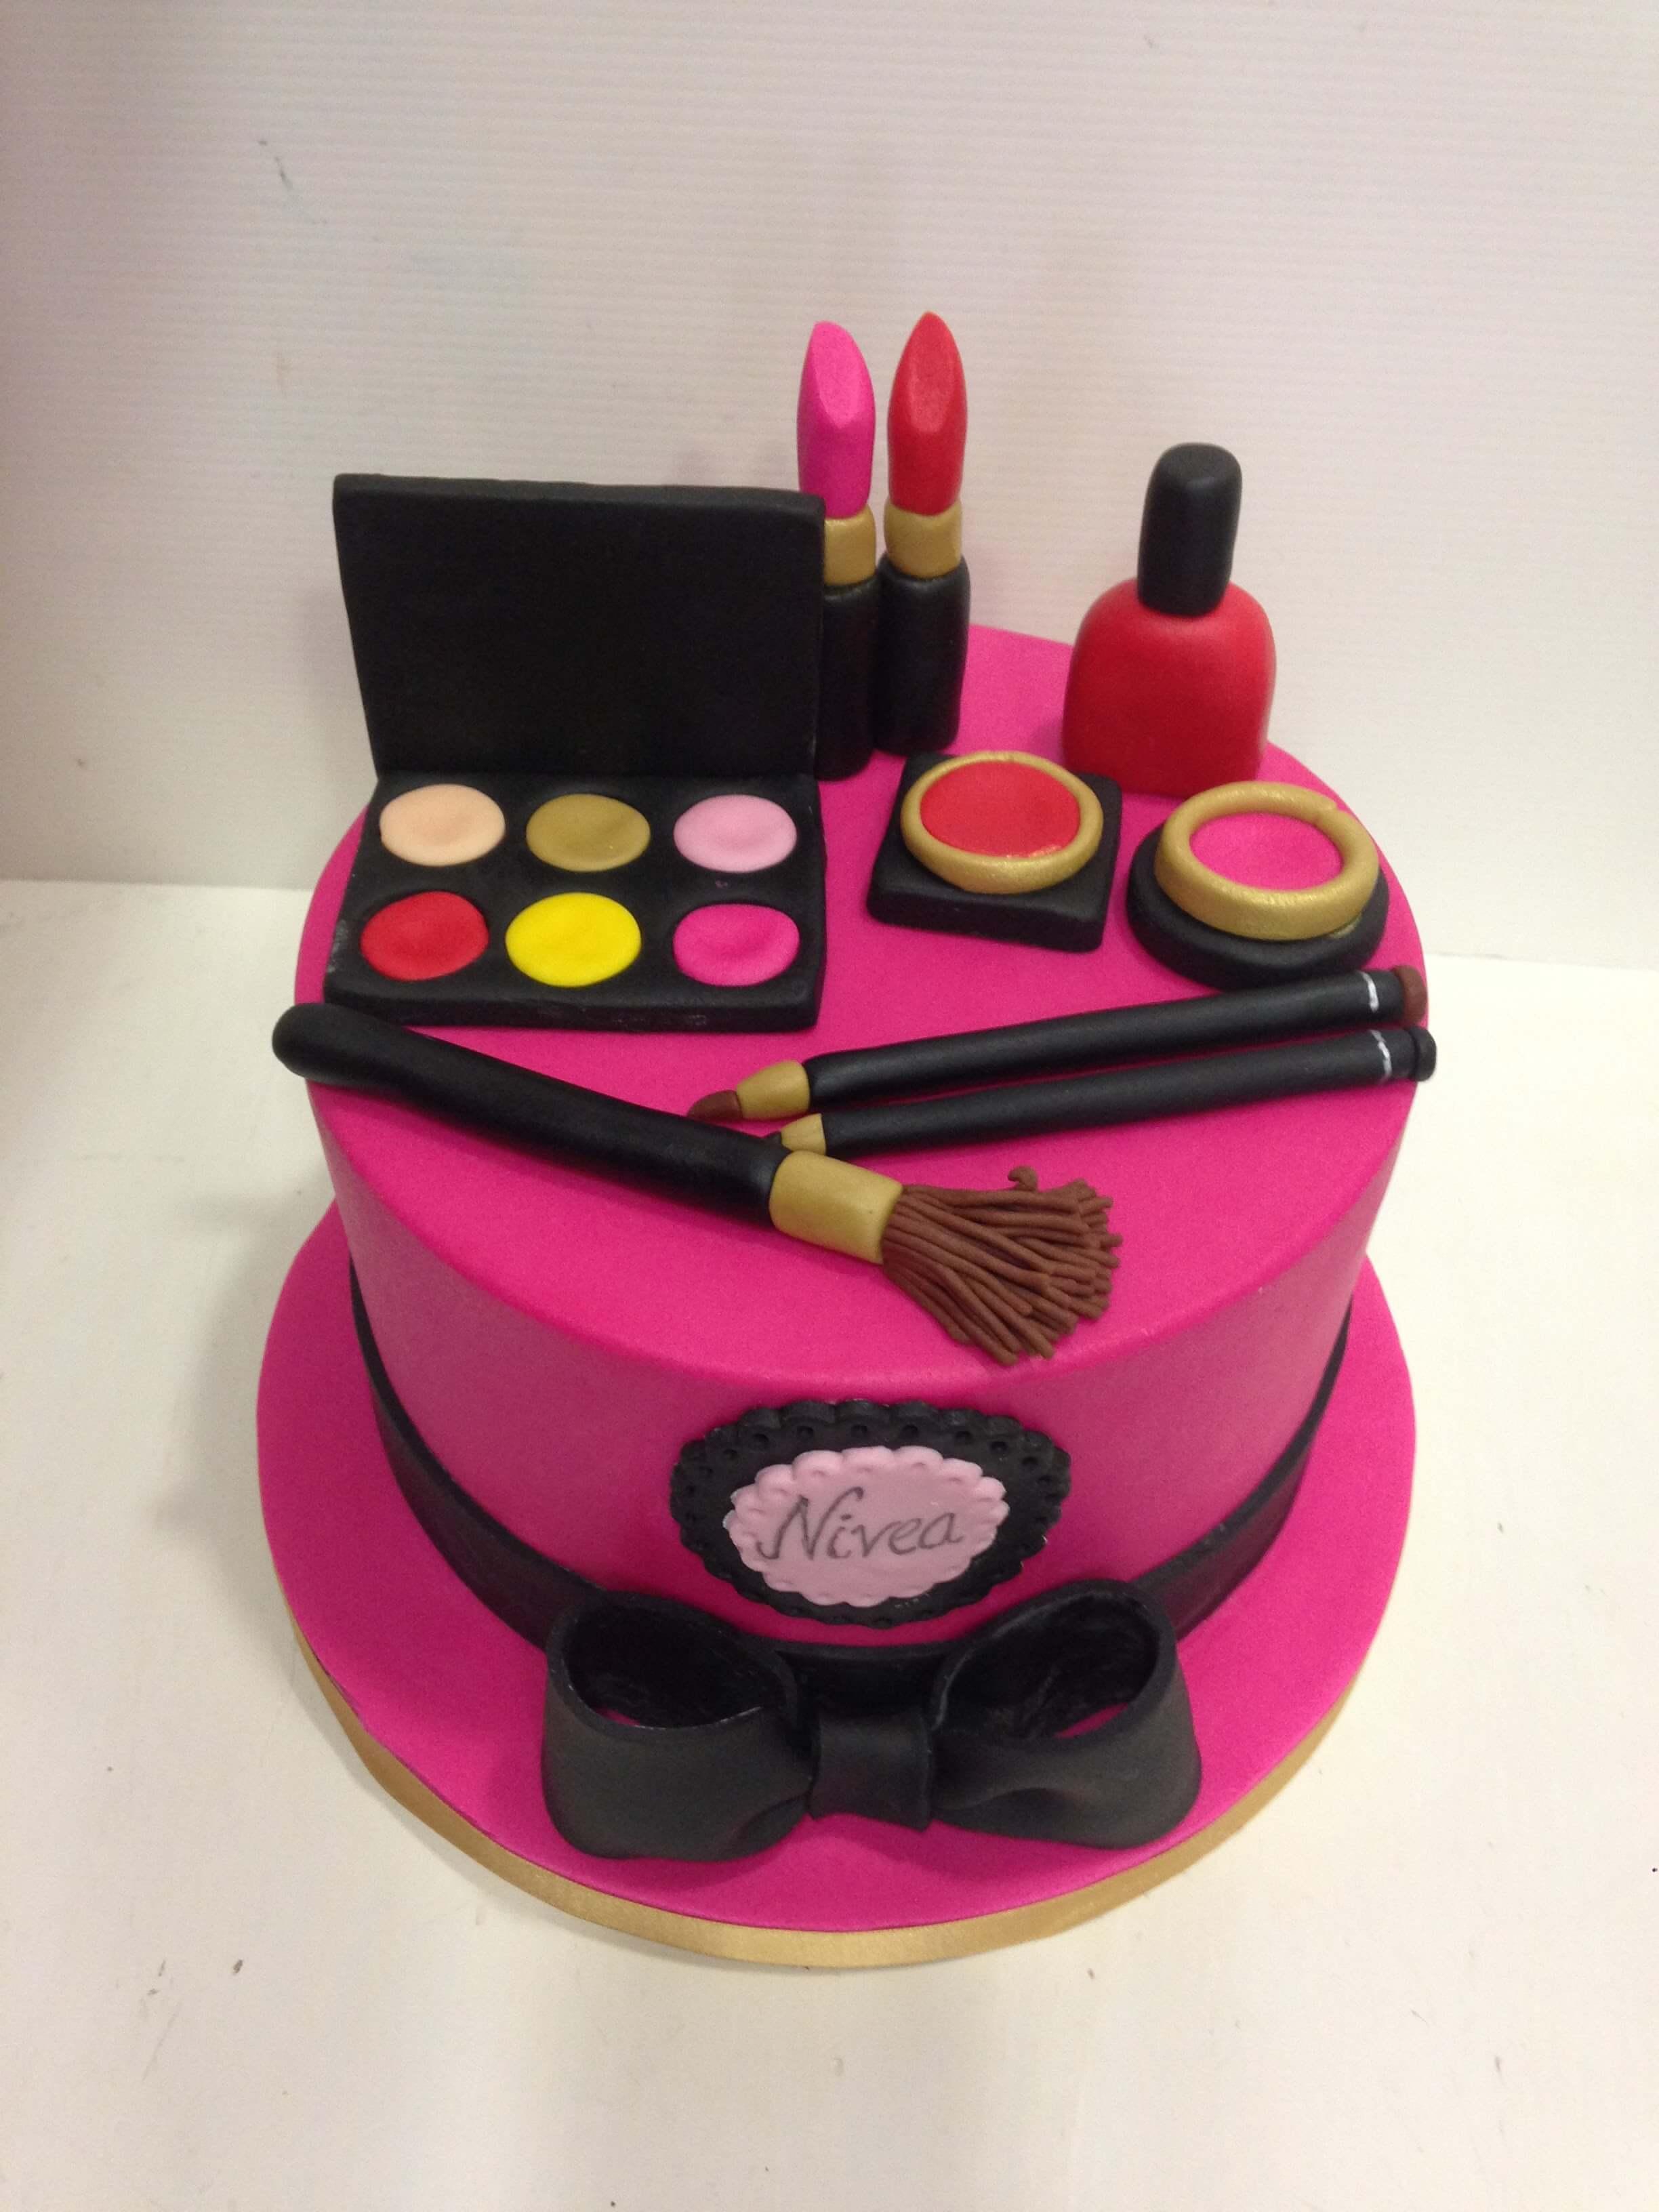 Tarta cumpleaños fondant moda cosmética maquillaje cumpleaños coruña